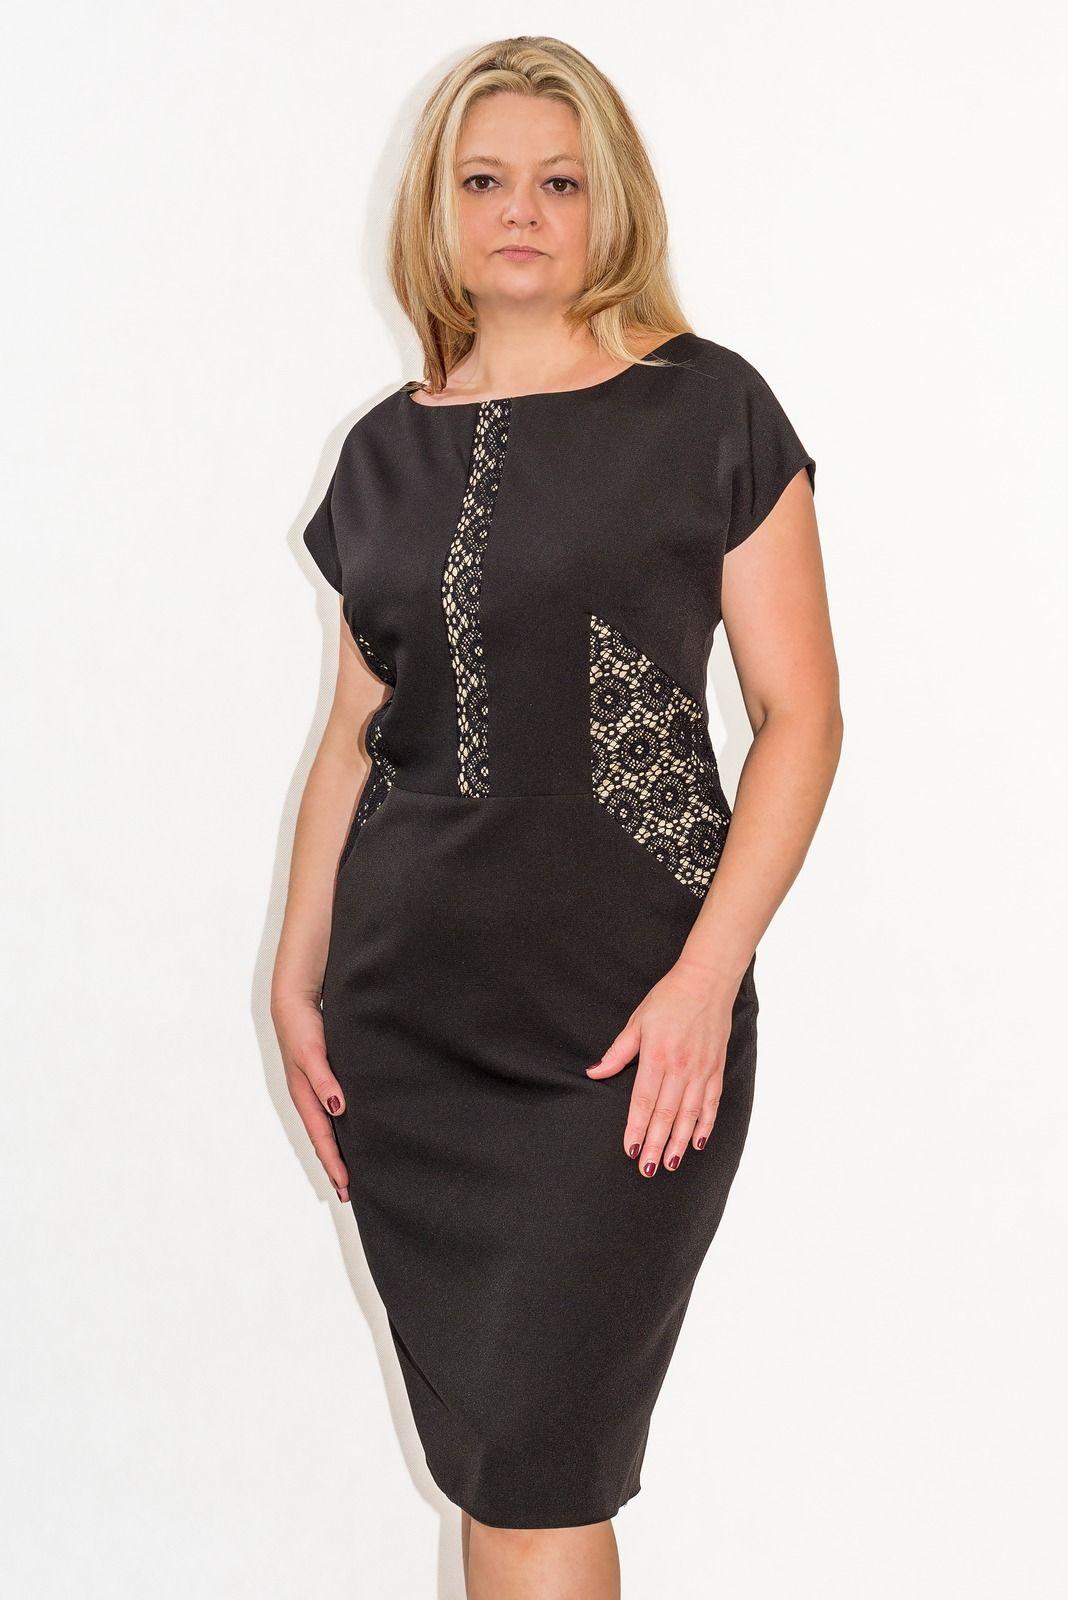 35a601bbbe17 Elegancka sukienka XXL KIMBERLY 40-60 duże rozmiary - XELKA odzież ...